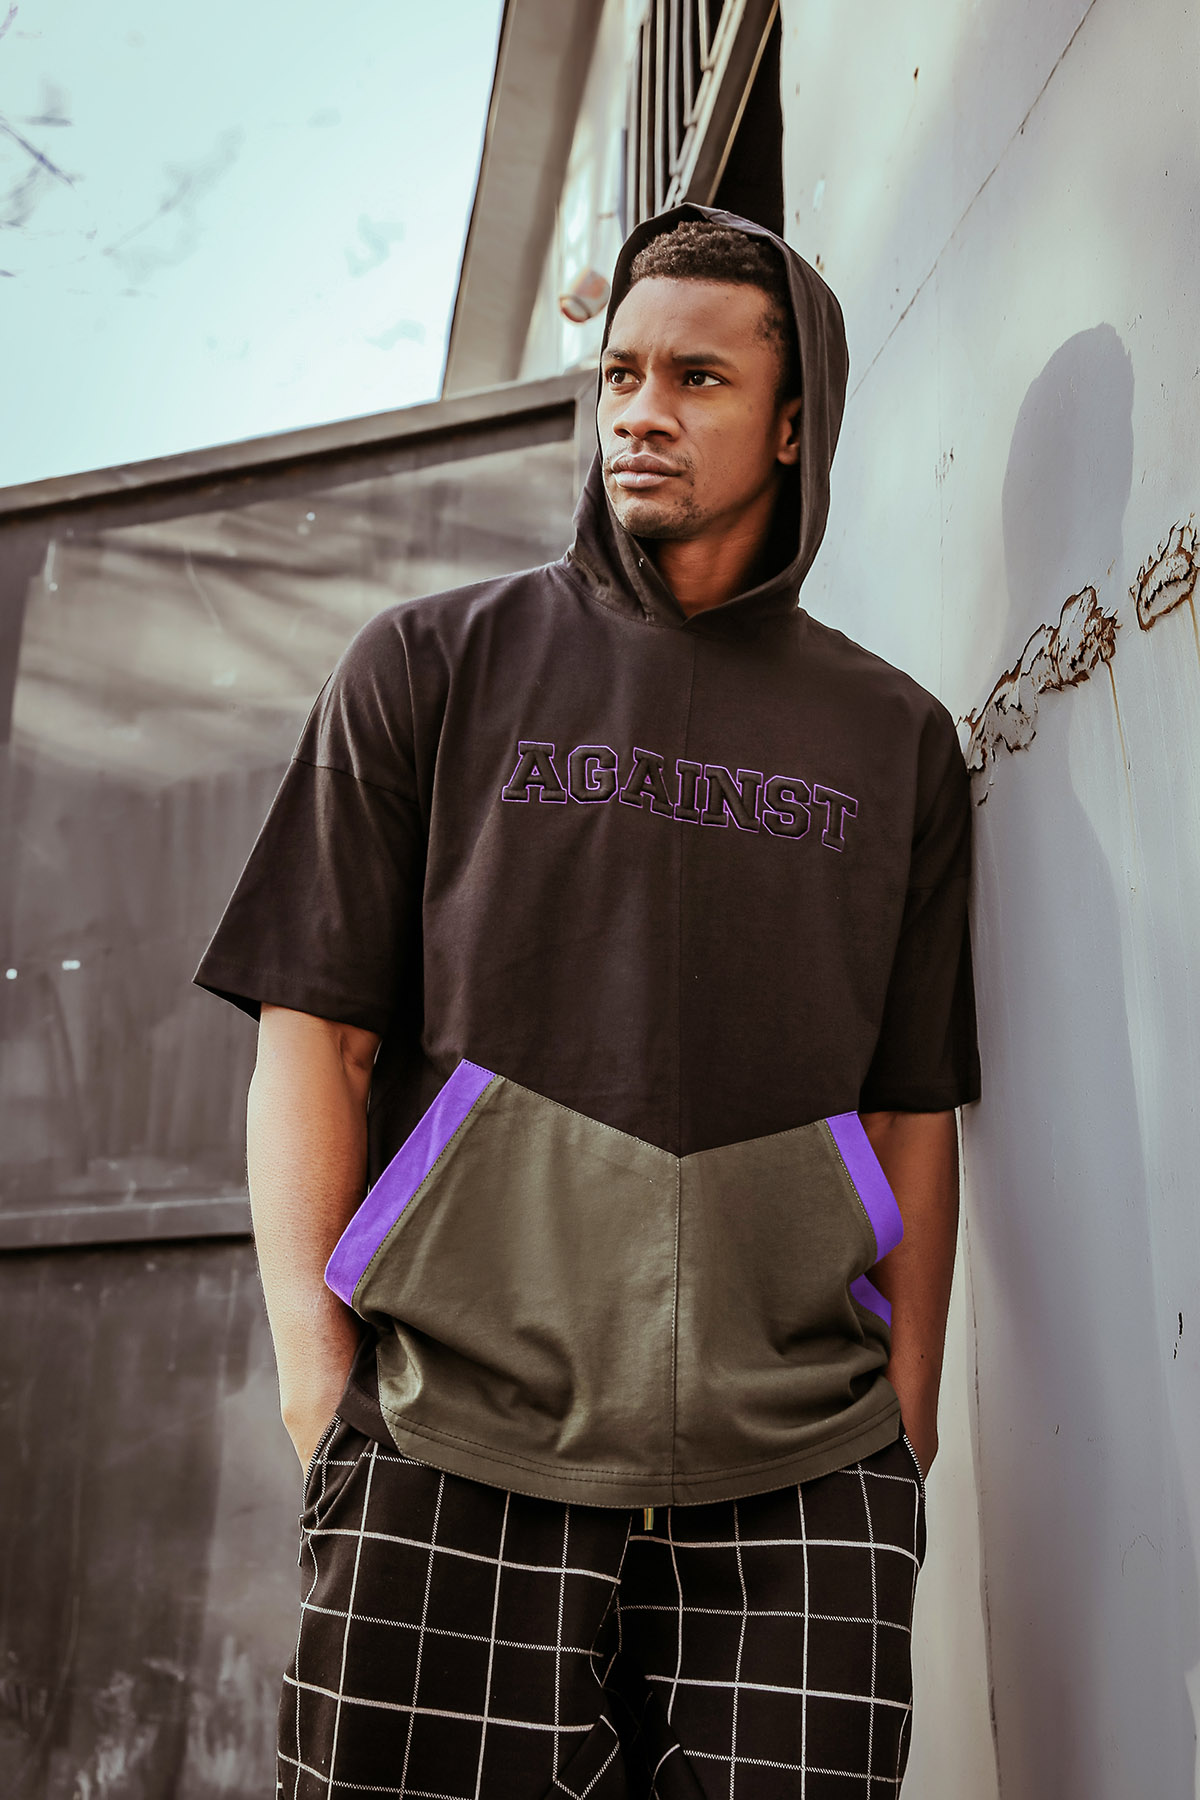 XHAN - Siyah Nakışlı Kapüşonlu Kısa Kollu Sweatshirt 1KXE8-44618-02